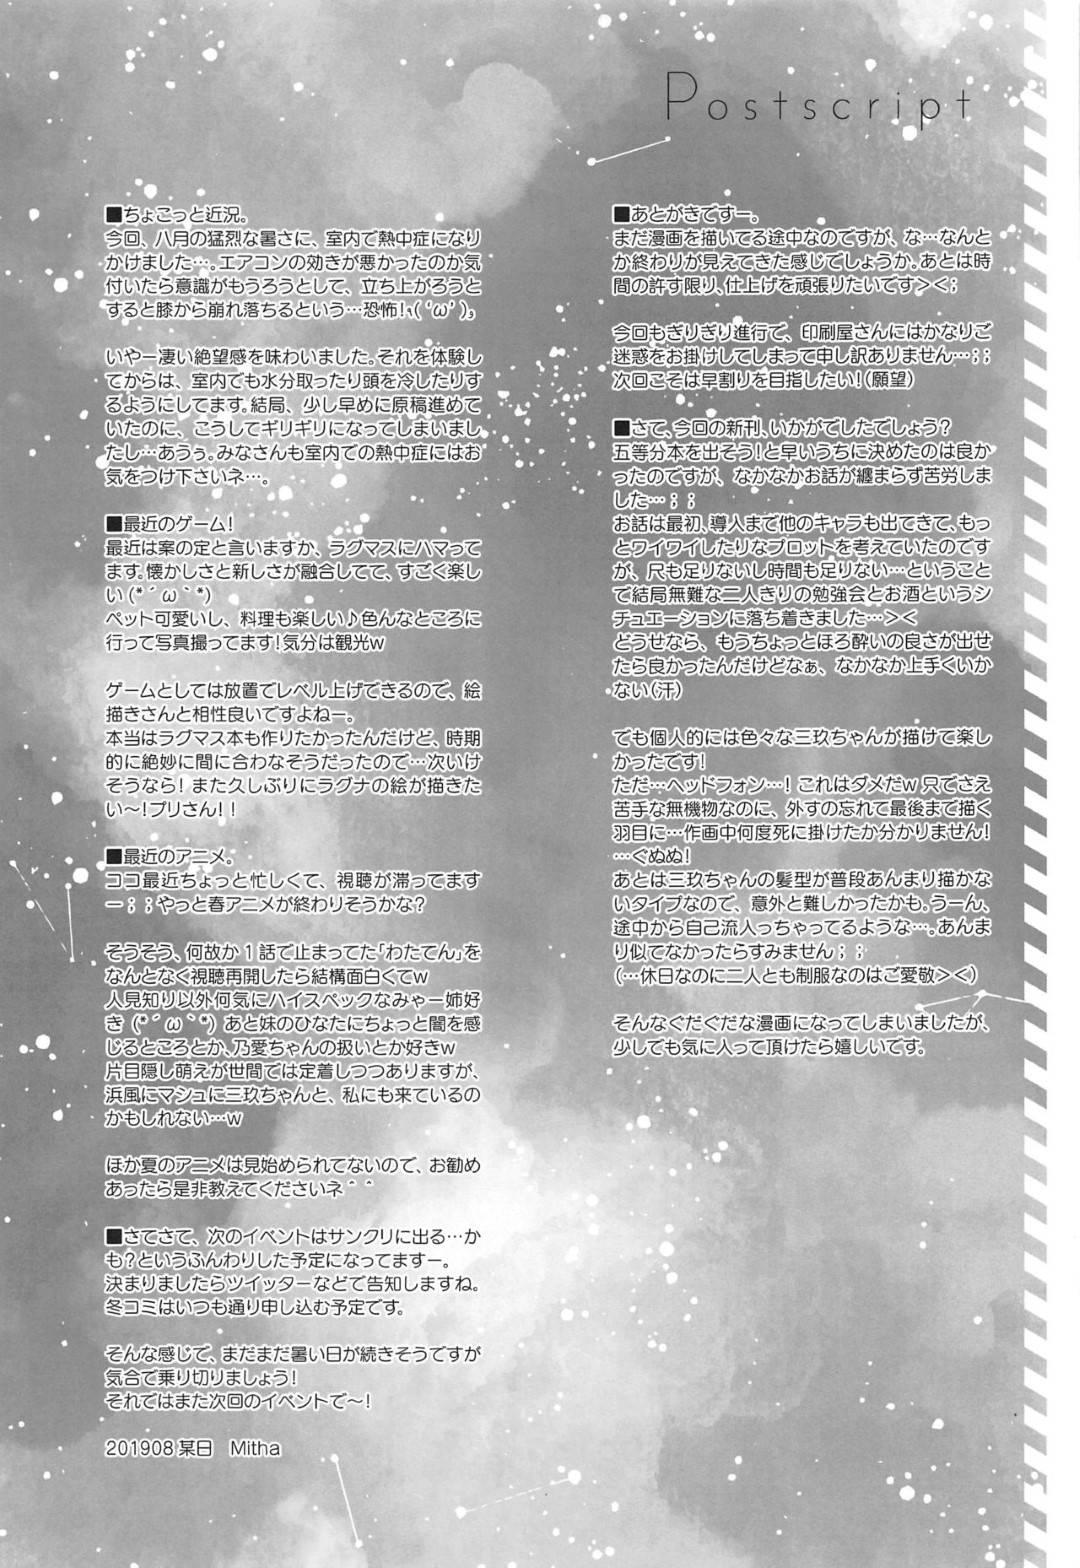 【いちゃラブエロ漫画】三玖と二人きりで勉強会をしていた風太郎。二人きりの空間でエッチな雰囲気になってしまった二人は勉強の事そっちのけでいちゃラブセックスしてしまう!やる気満々の彼女はフェラやパイズリでご奉仕し、そのまま生挿入。【Mitha】